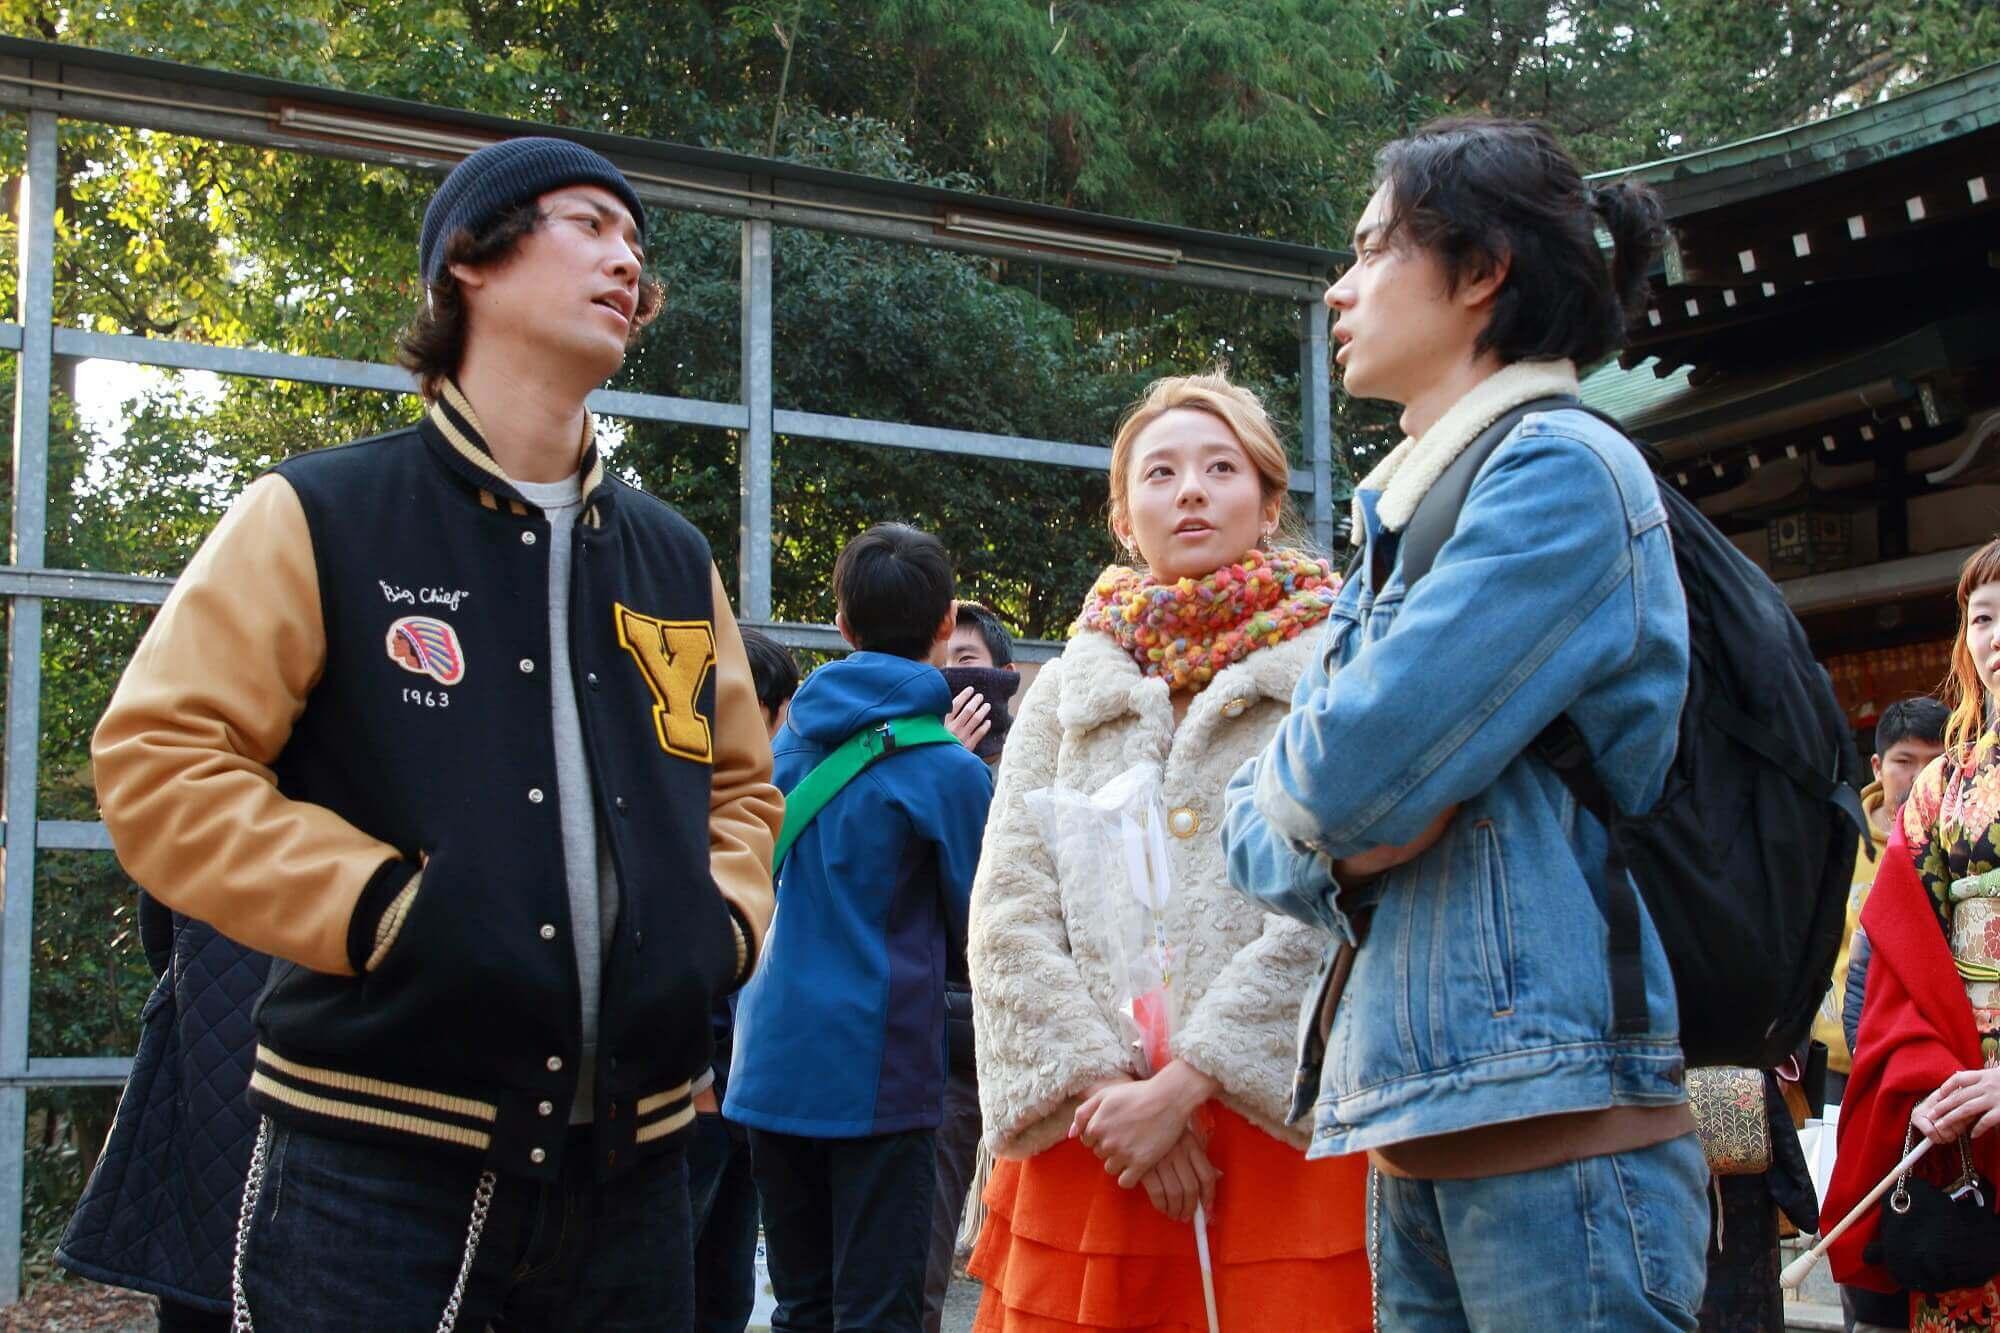 《火花》菅田將暉(右)和桐谷健太(左)粉墨登場飾演漫才藝人,木村文乃(中)則默默支持著兩人。